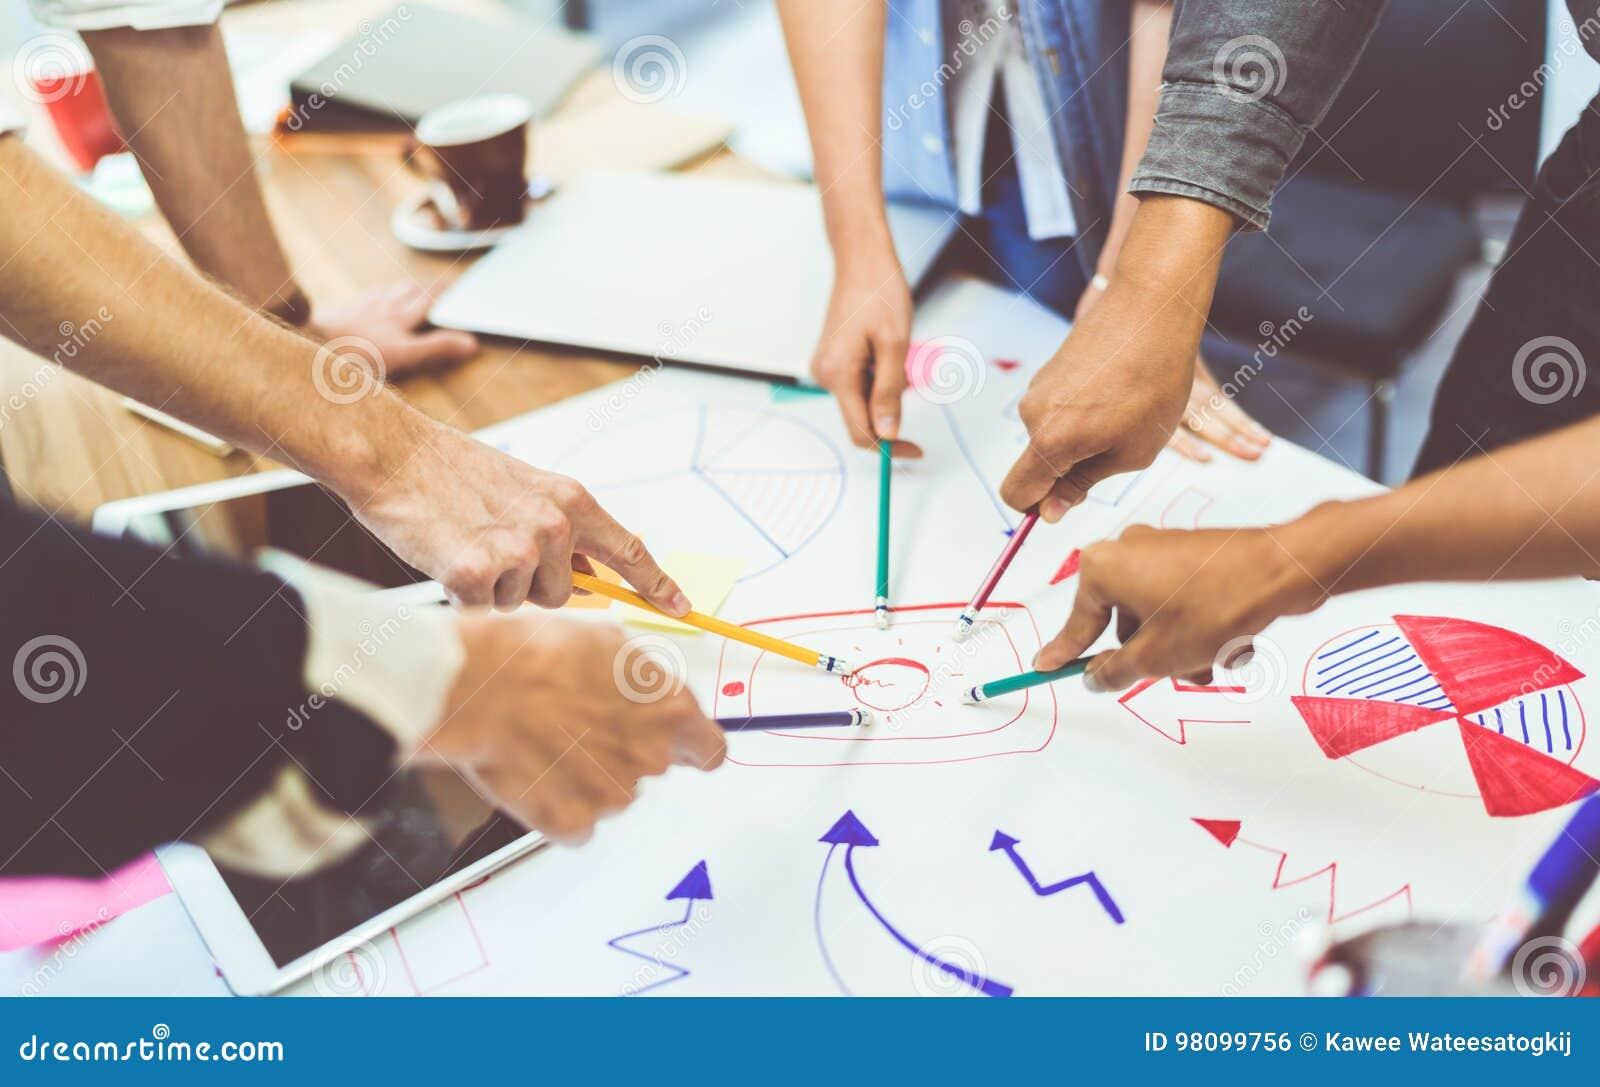 Concepto creativo del trabajo en equipo de la idea Grupo de equipo diverso multiétnico, de socio comercial, o de estudiantes univ